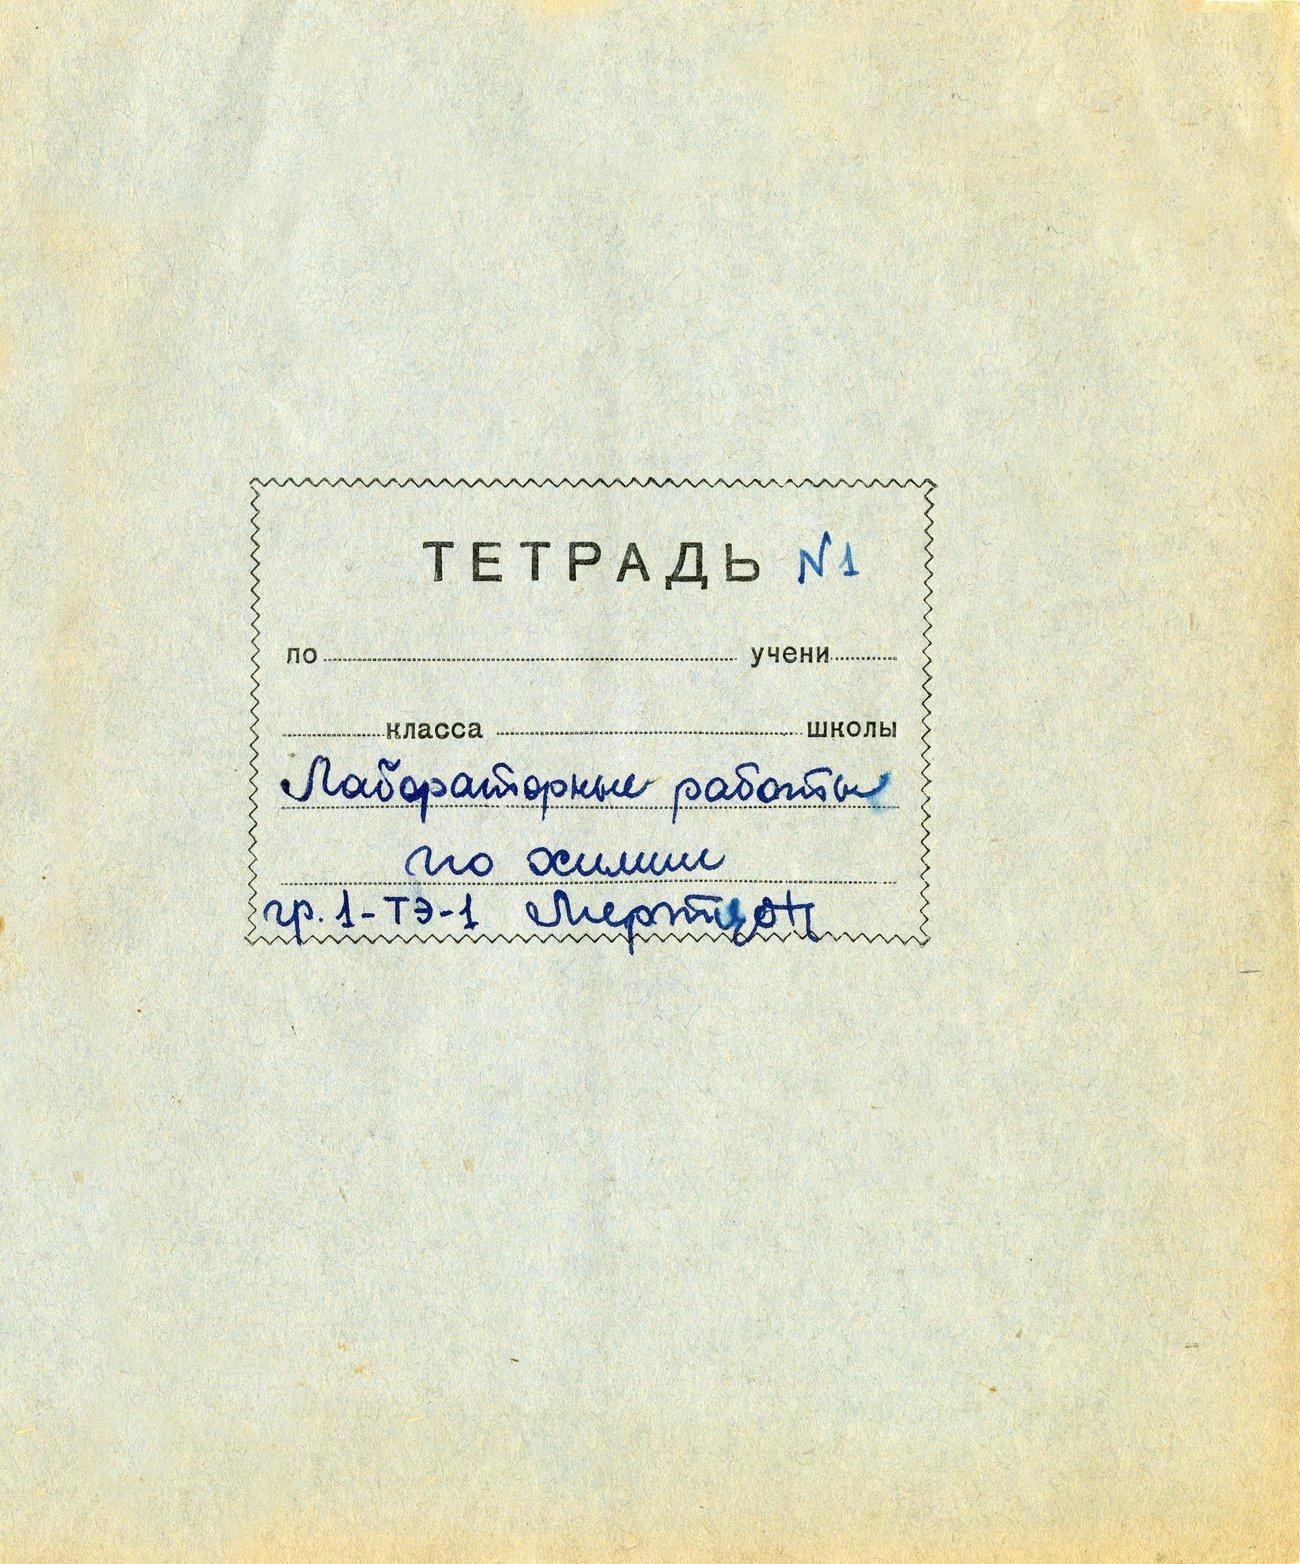 Фабрика Светоч, 1954, 170х205